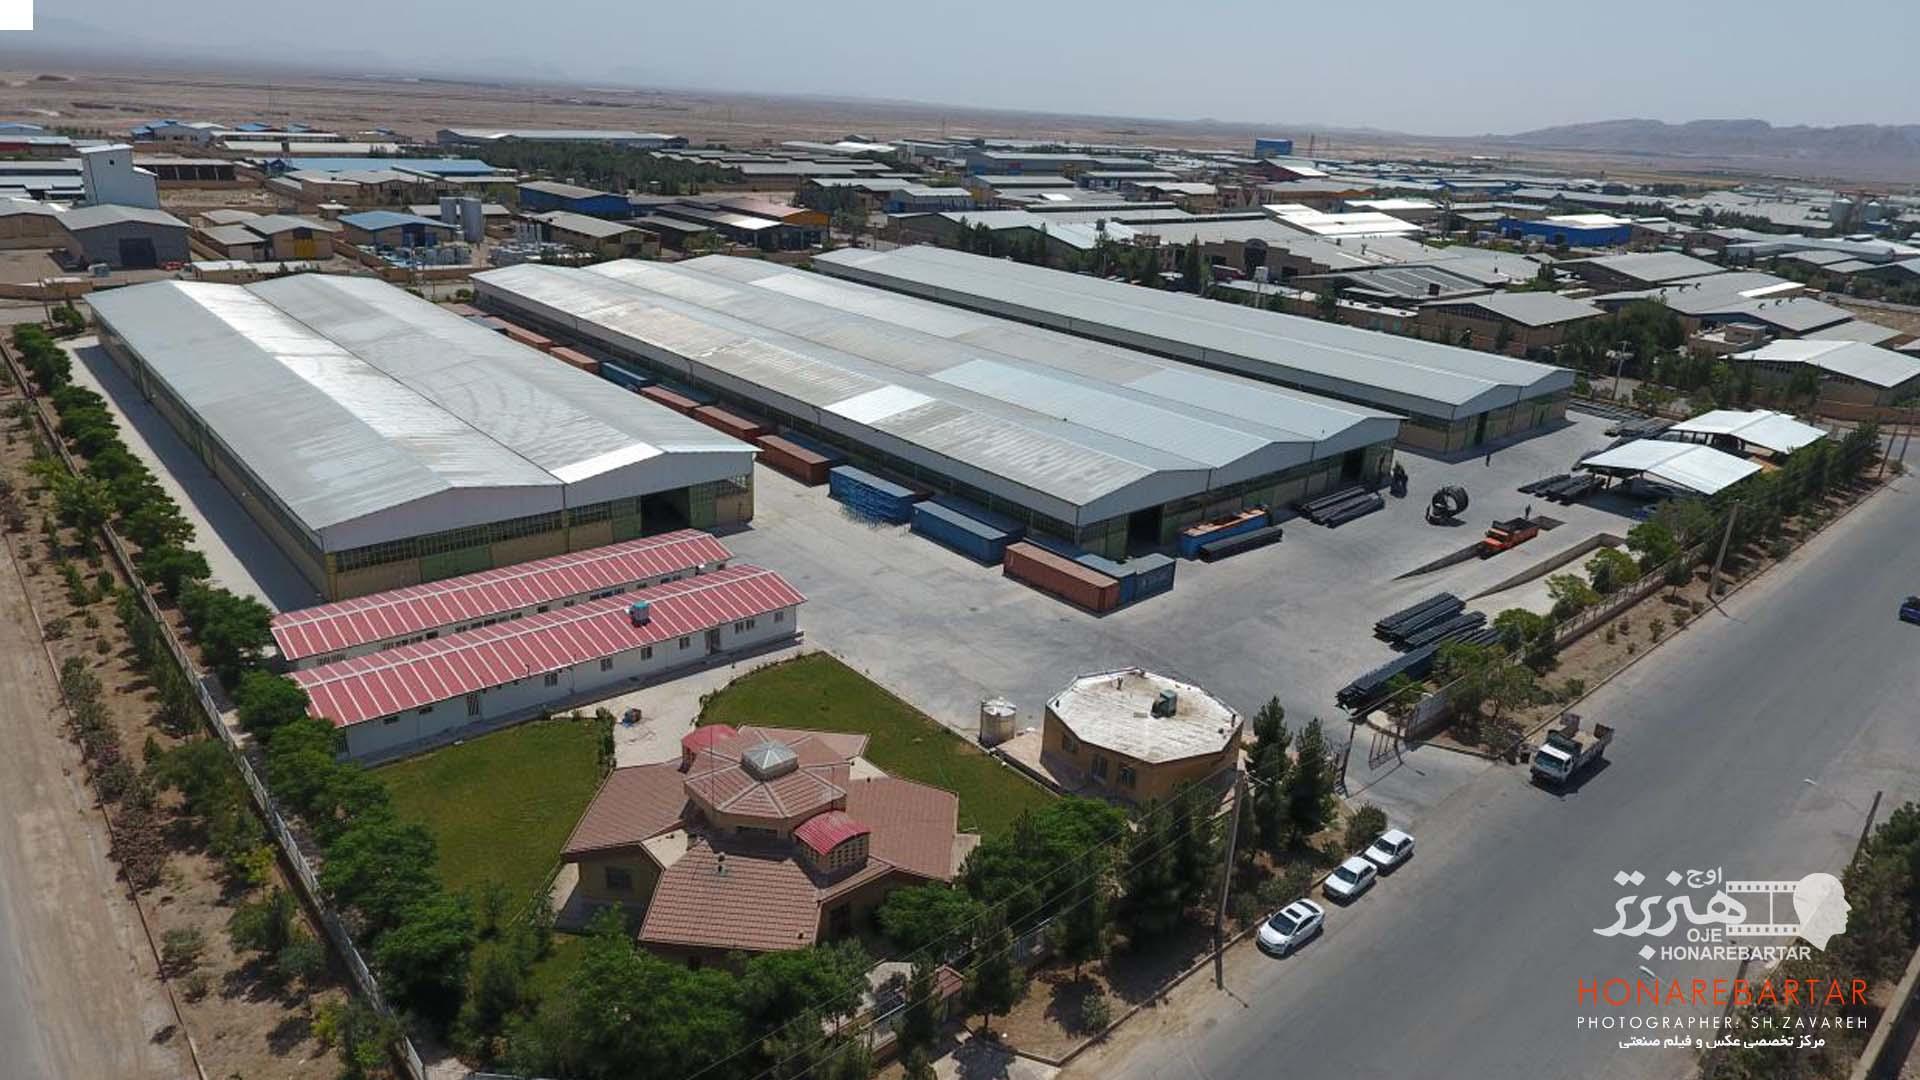 فیلمبرداری هوایی شهرک صنعتی